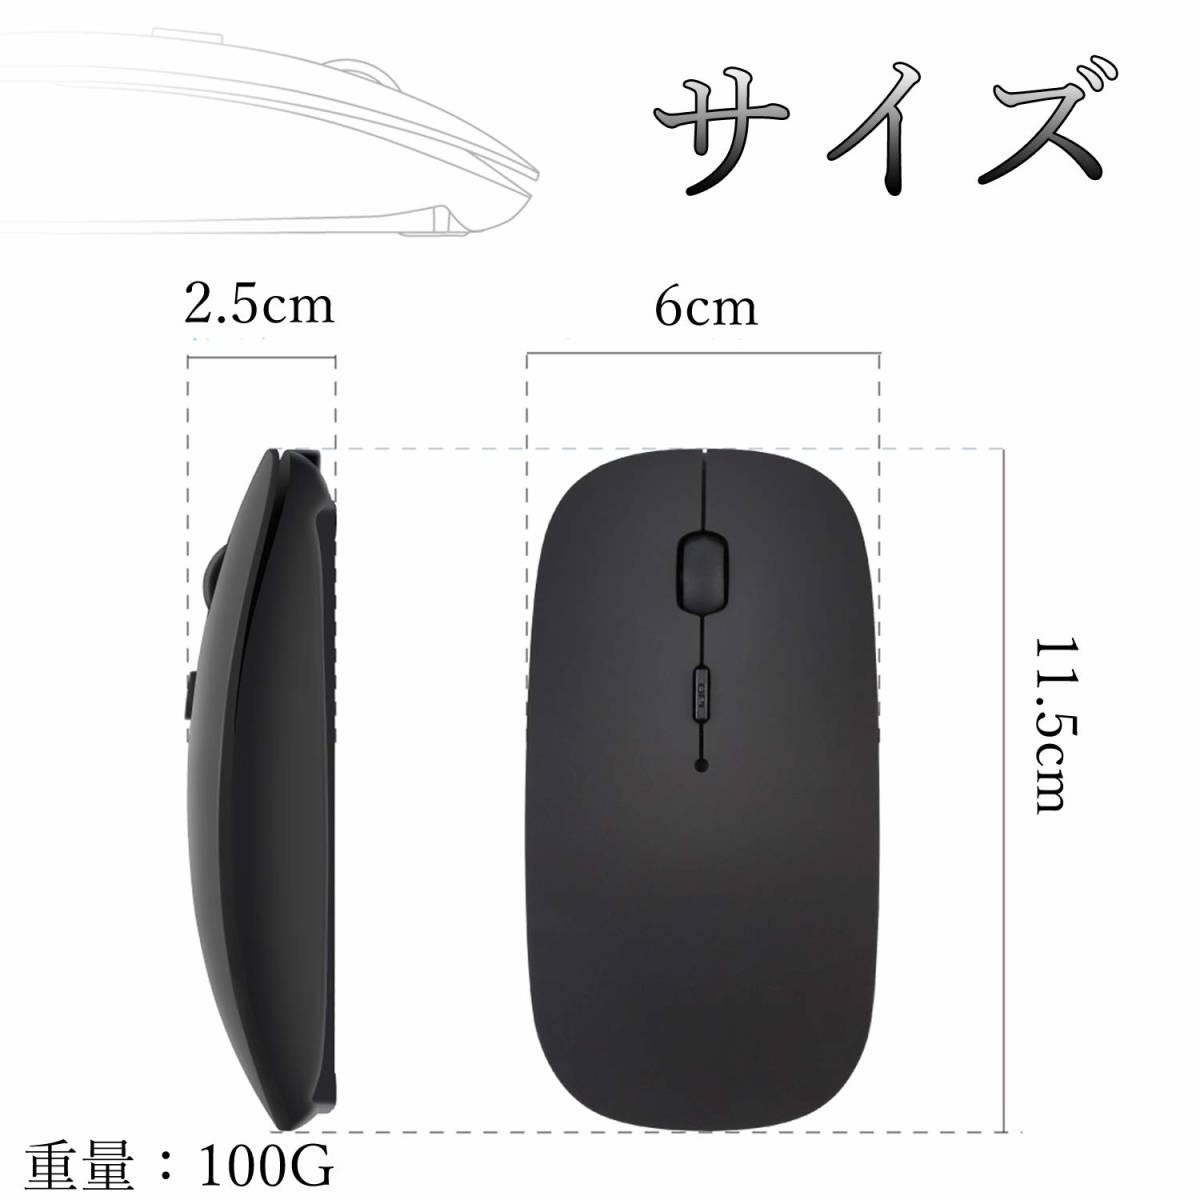 マウスワイヤレス 無線 マウス Bluetooth Windows 10 Mac 対応 マックブック_画像2